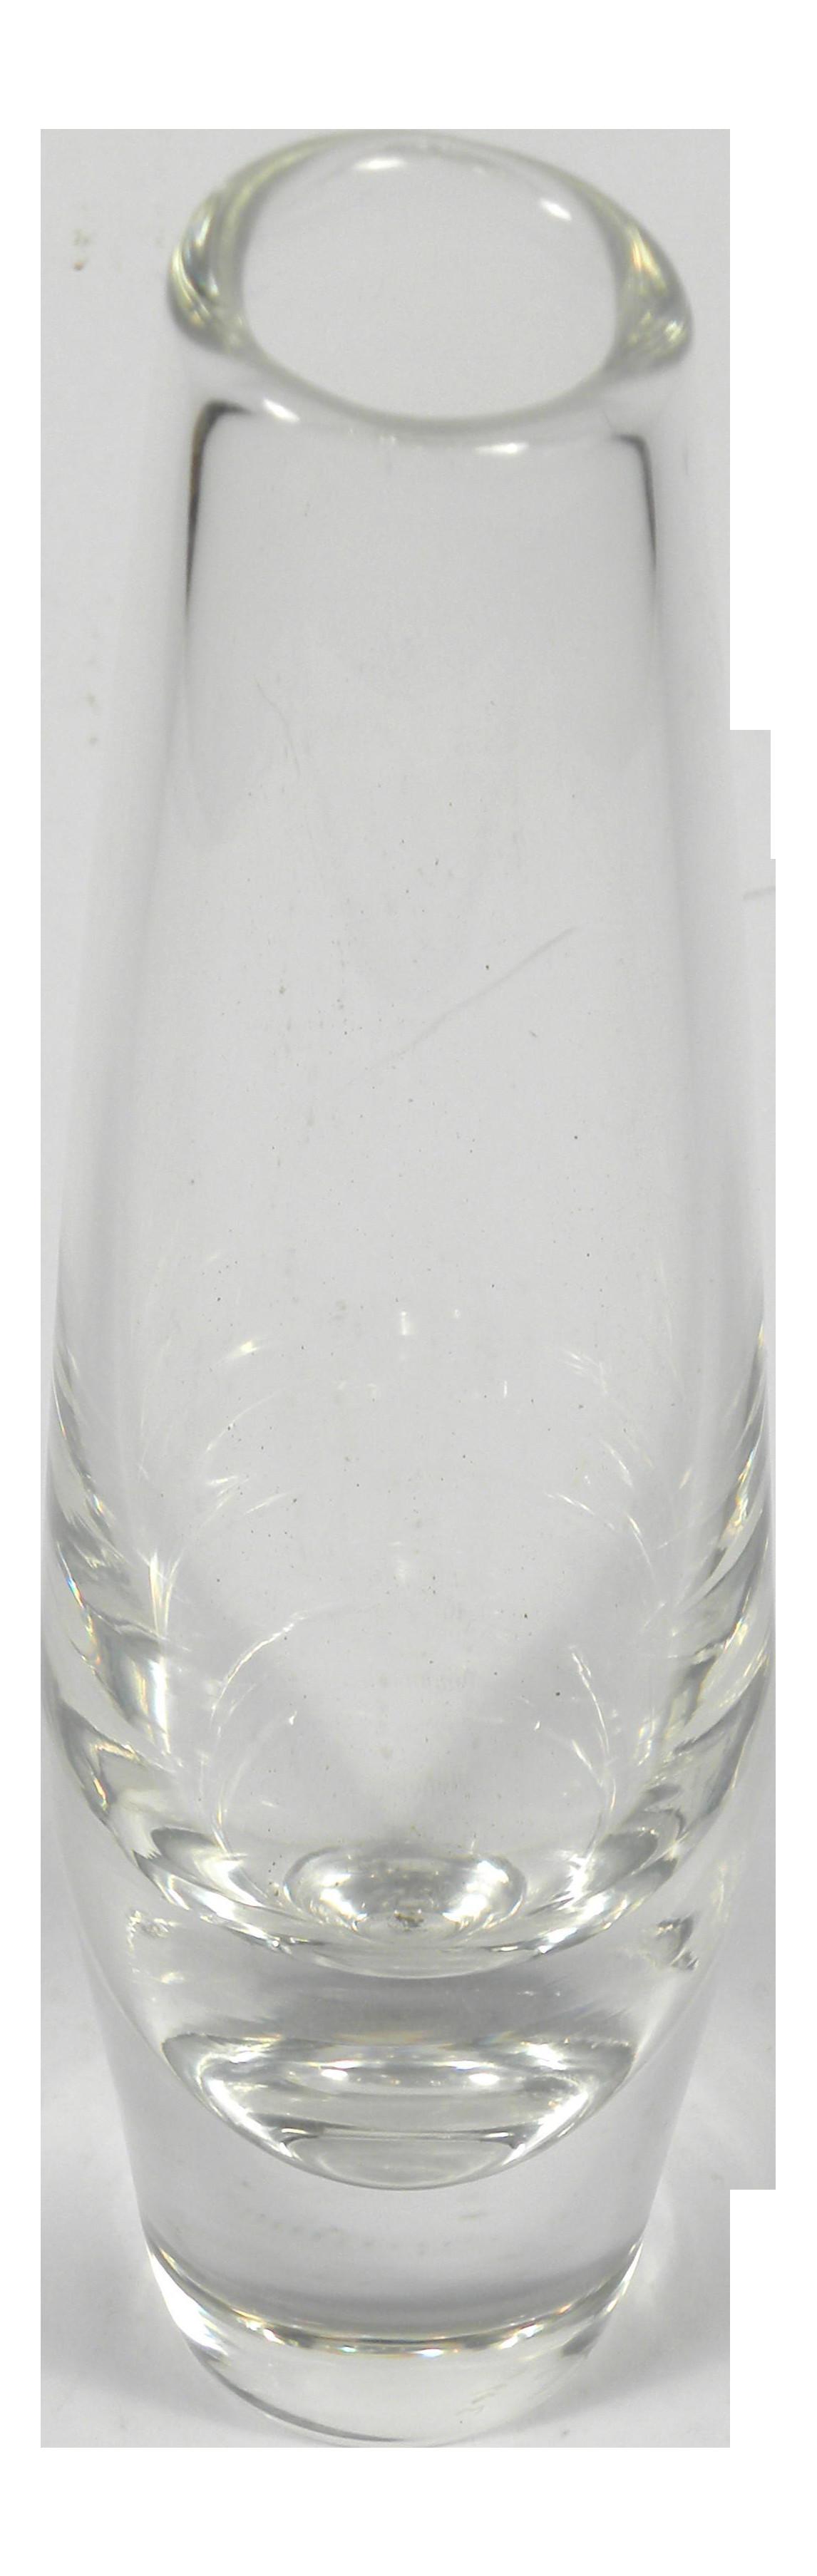 Orrefors Crystal Bud Vase Of Vintage Sven Pamlquist orrefors Crystal Bud Vase Chairish for Vintage Sven Pamlquist orrefors Crystal Bud Vase 3378